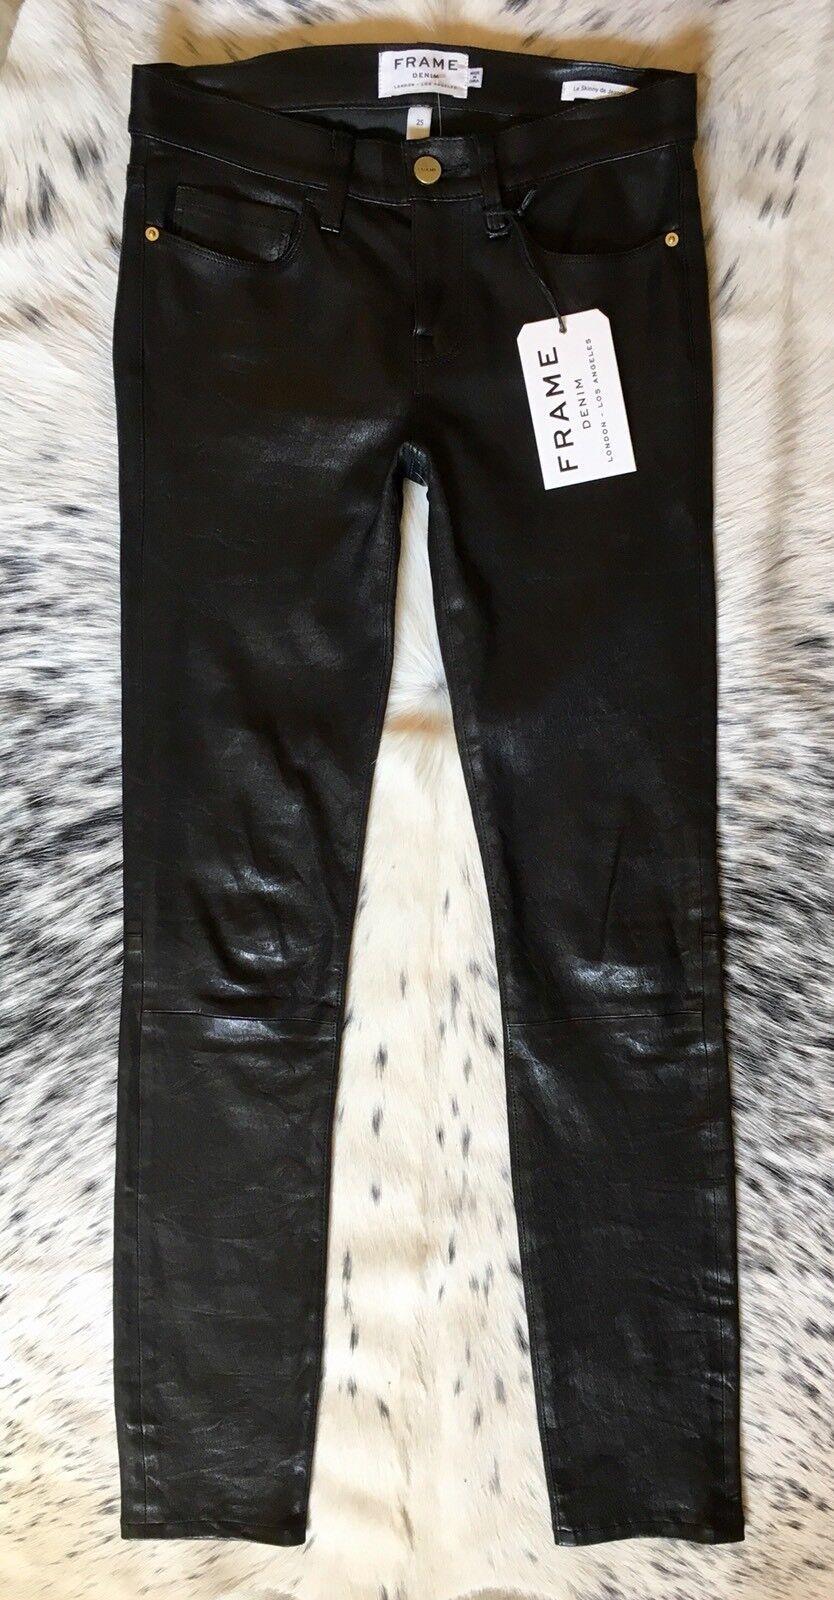 Marco Vaqueros  Le Flaco   Pantalones Cuero, Talla 25 Lavado Negro Mejor Fit Ever  barato